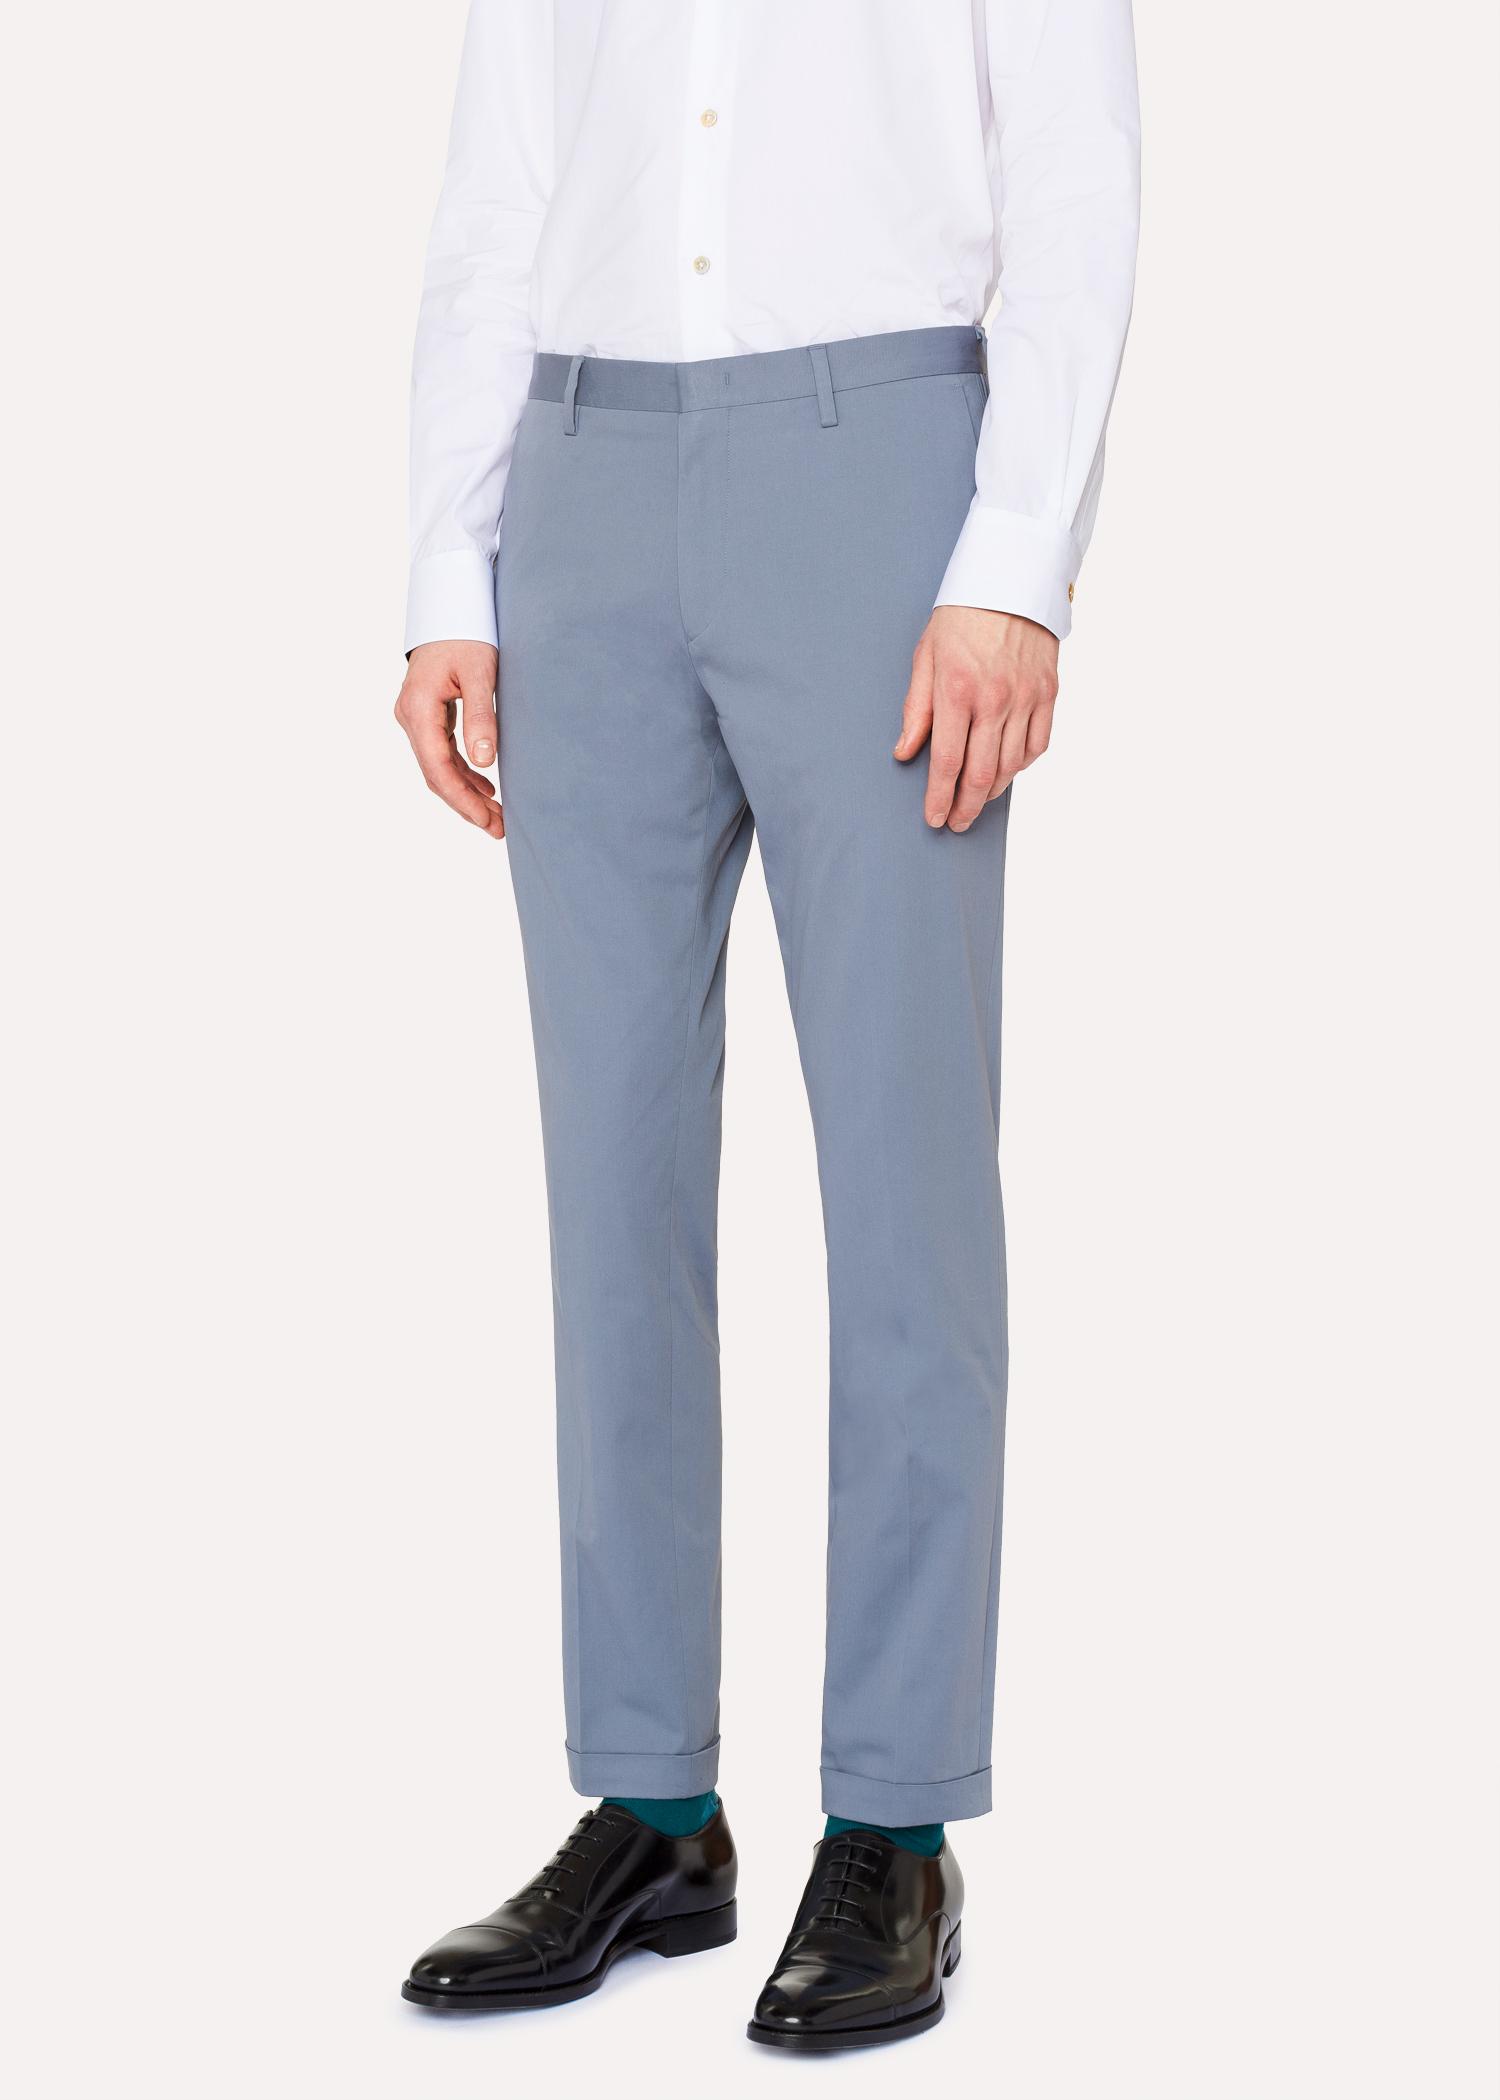 Pantalon Homme Bleu Clair En Coton Stretch Coupe Slim - Paul Smith ... 90497dee6dc8